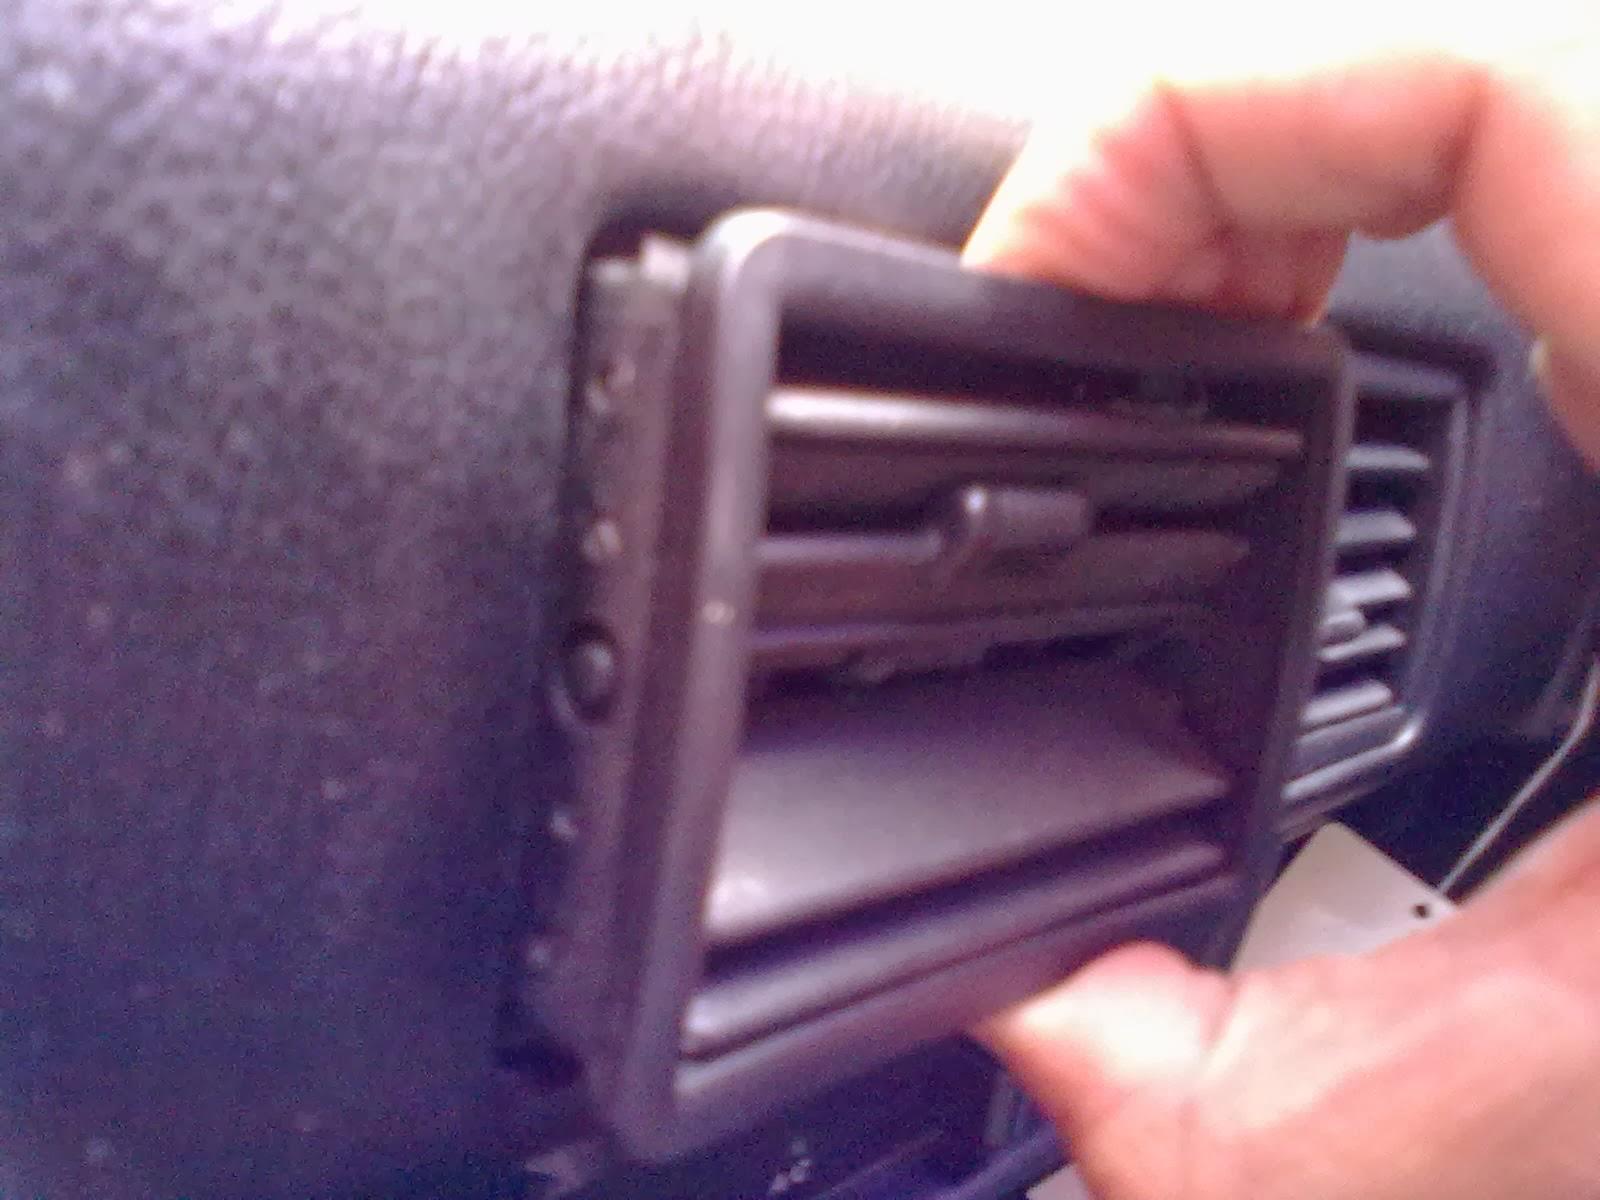 Memperbaiki Kisi Kisi Ac Mobil Info Dan Tip Otomotif